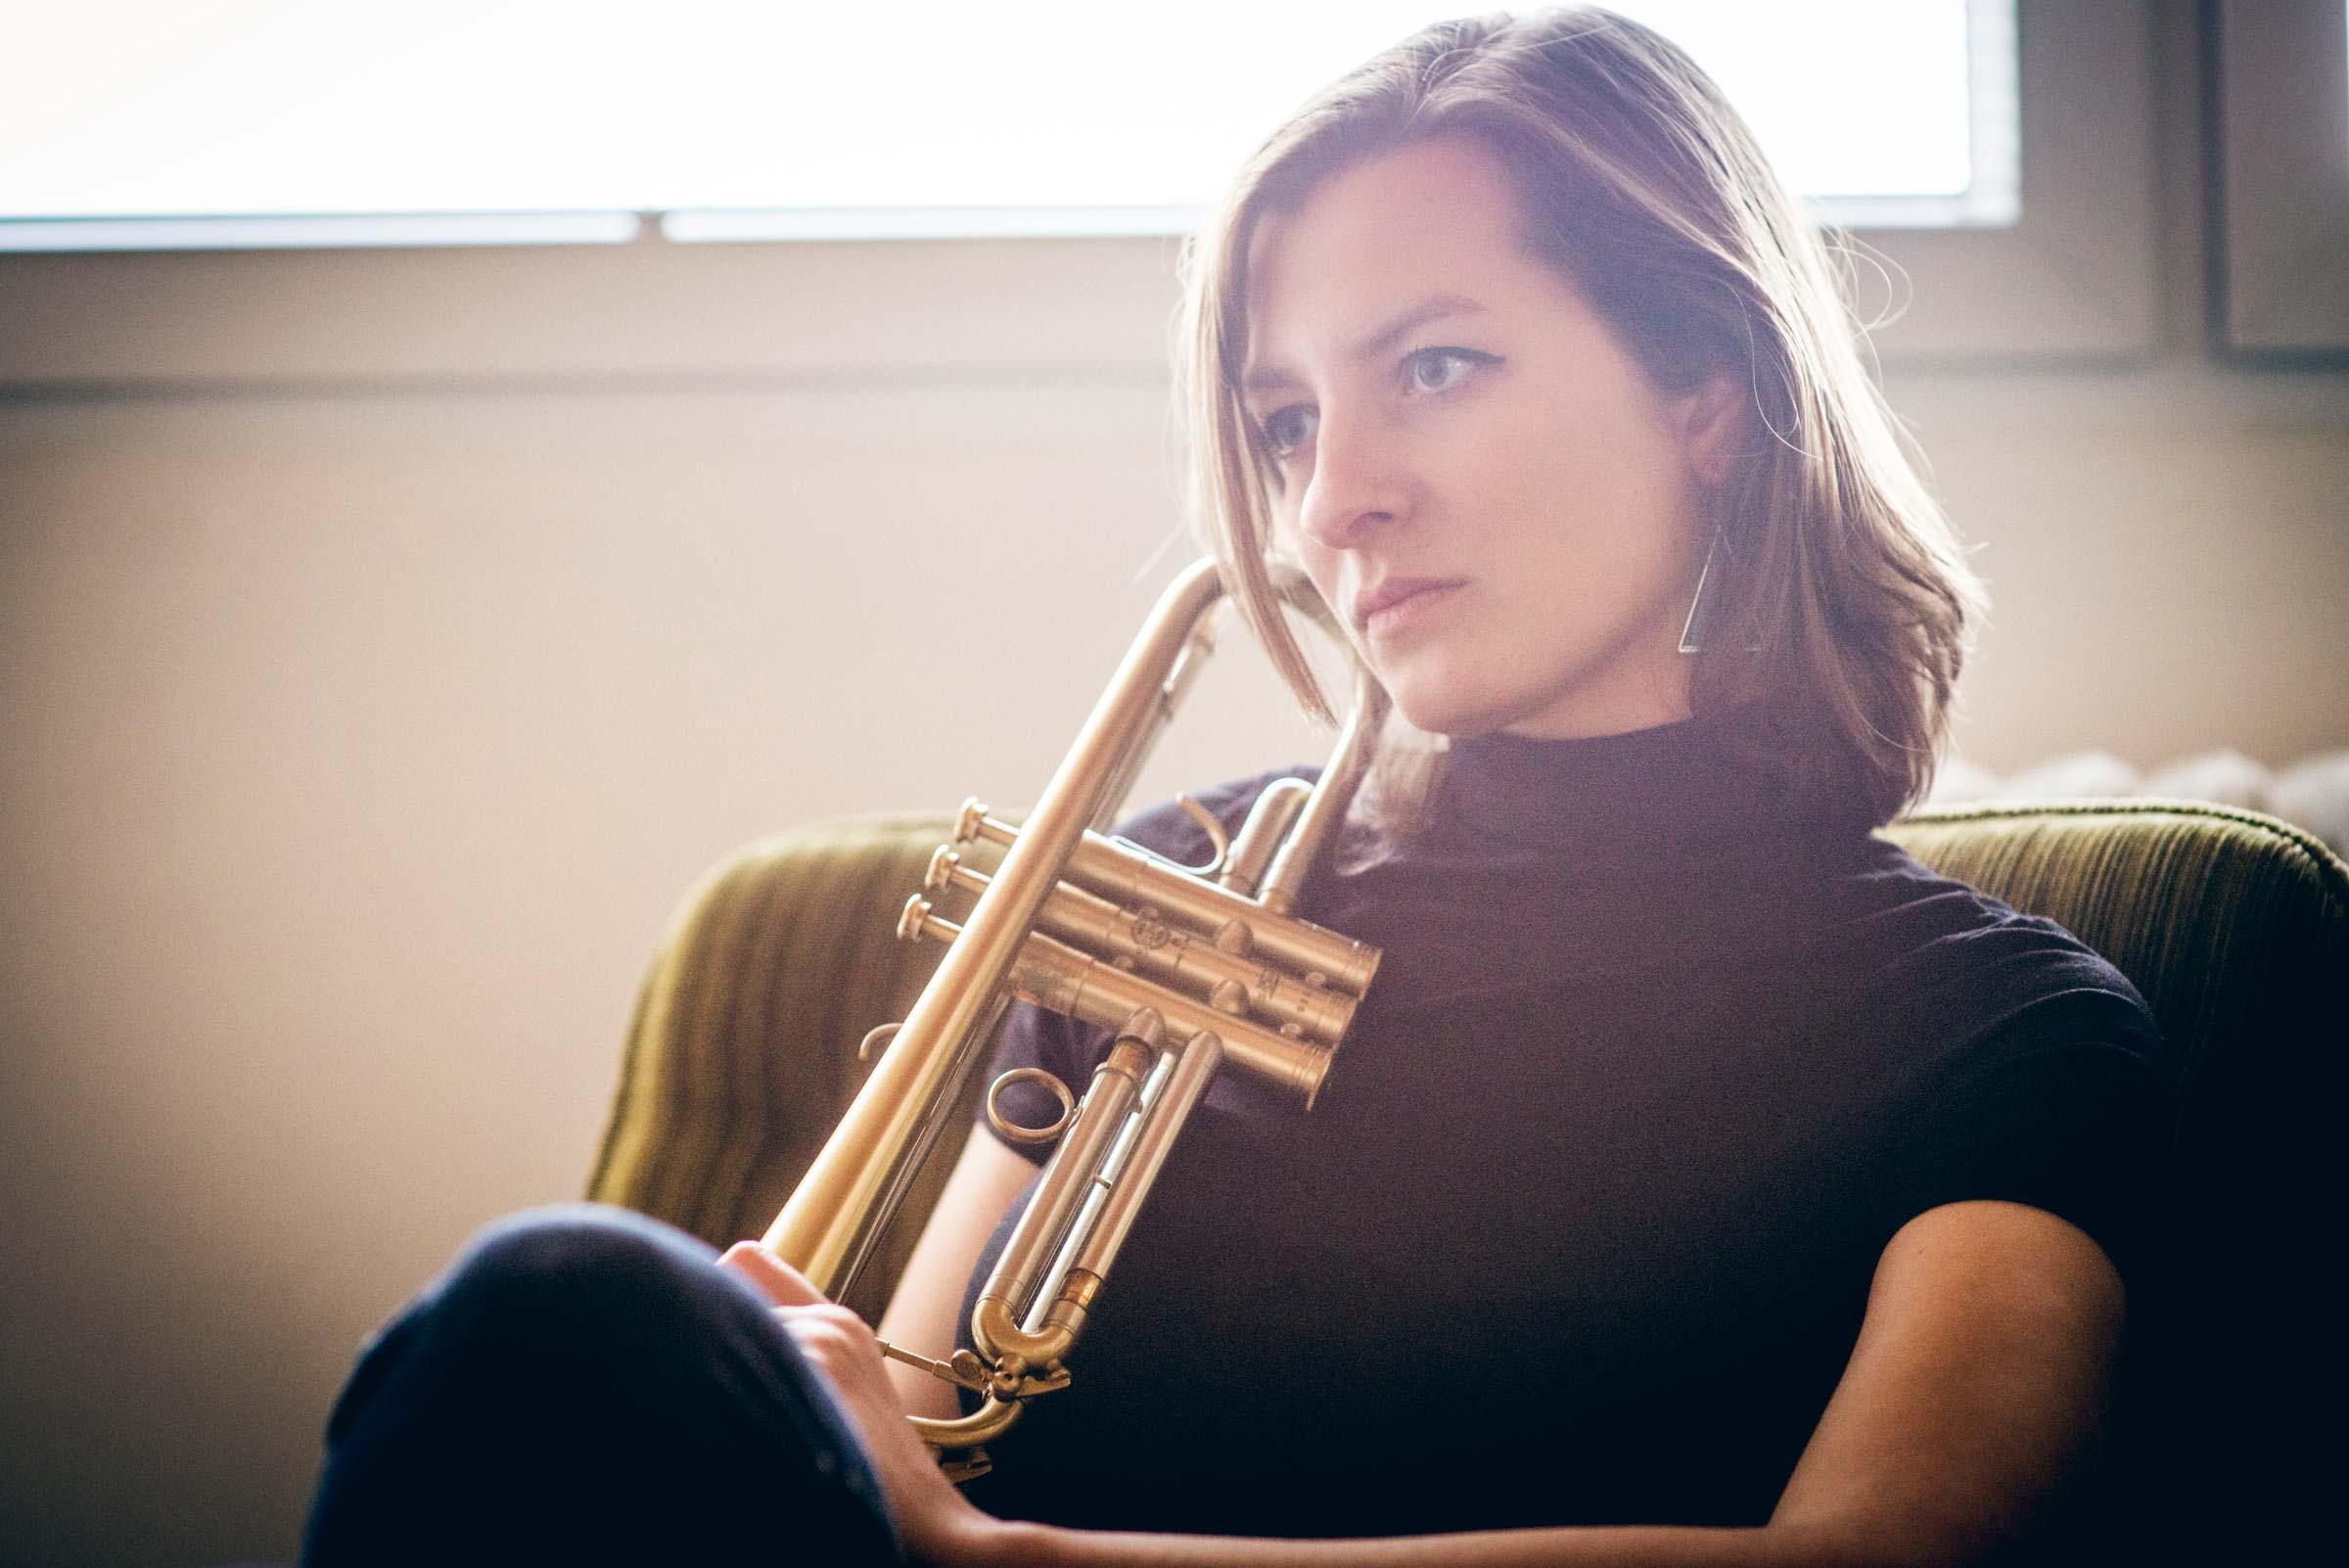 Štěpánka Balcarová - jazzová trumpetistka, skladtalka a dirigentka